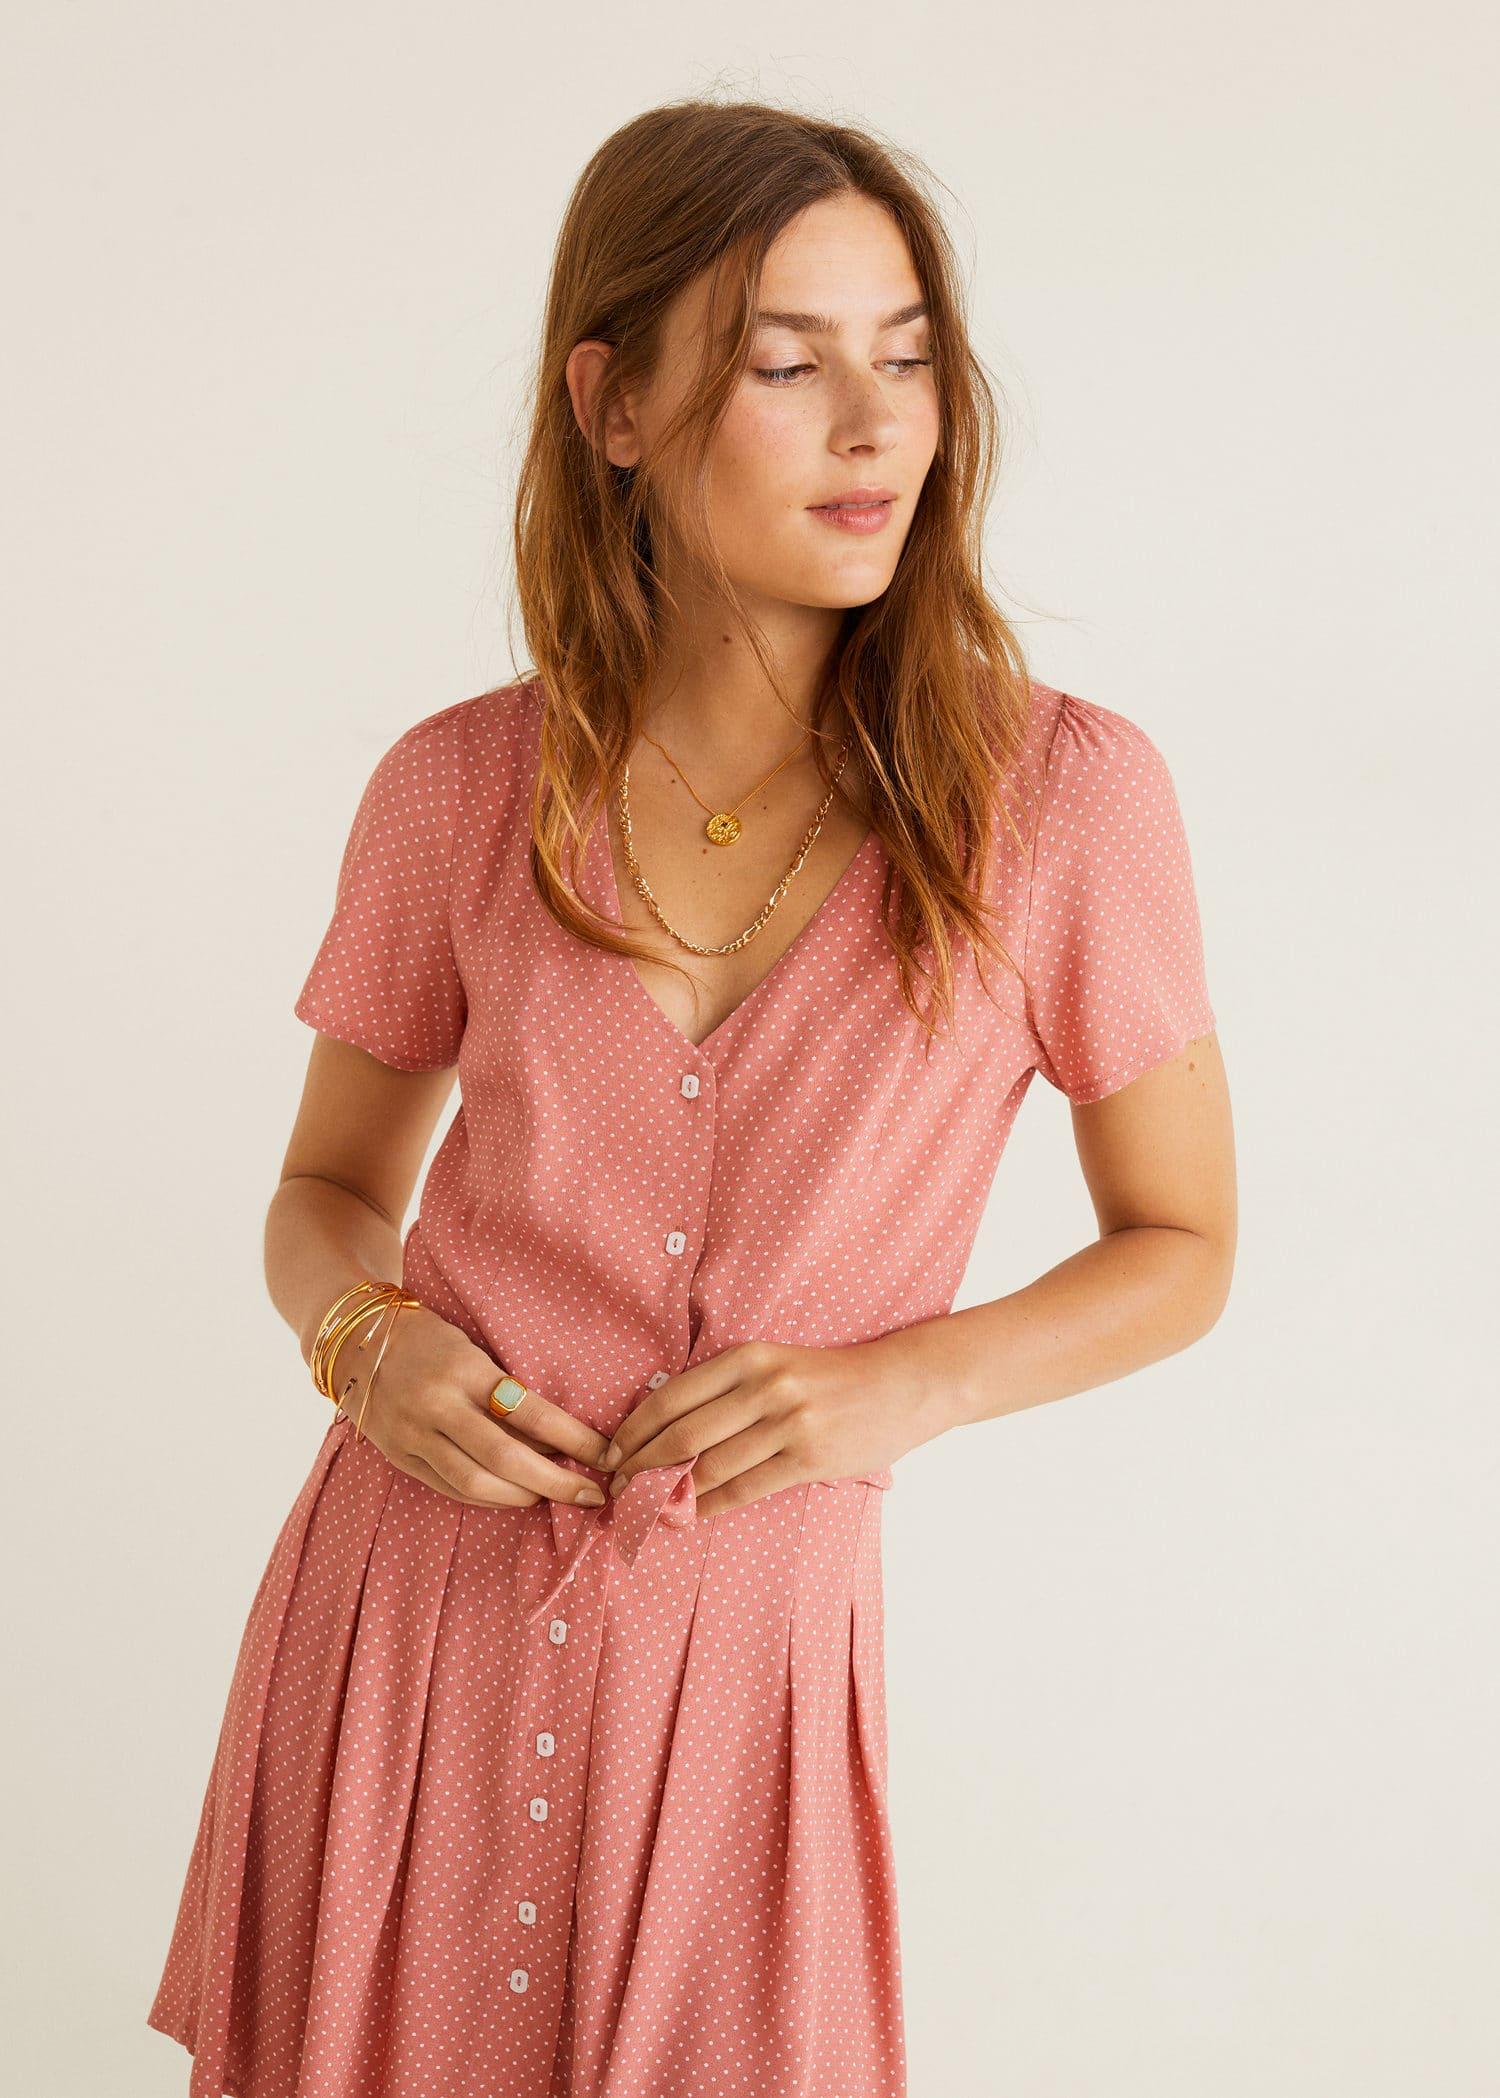 c53f36e1d940d2 Modalite - Mango Buttoned flowy blouse